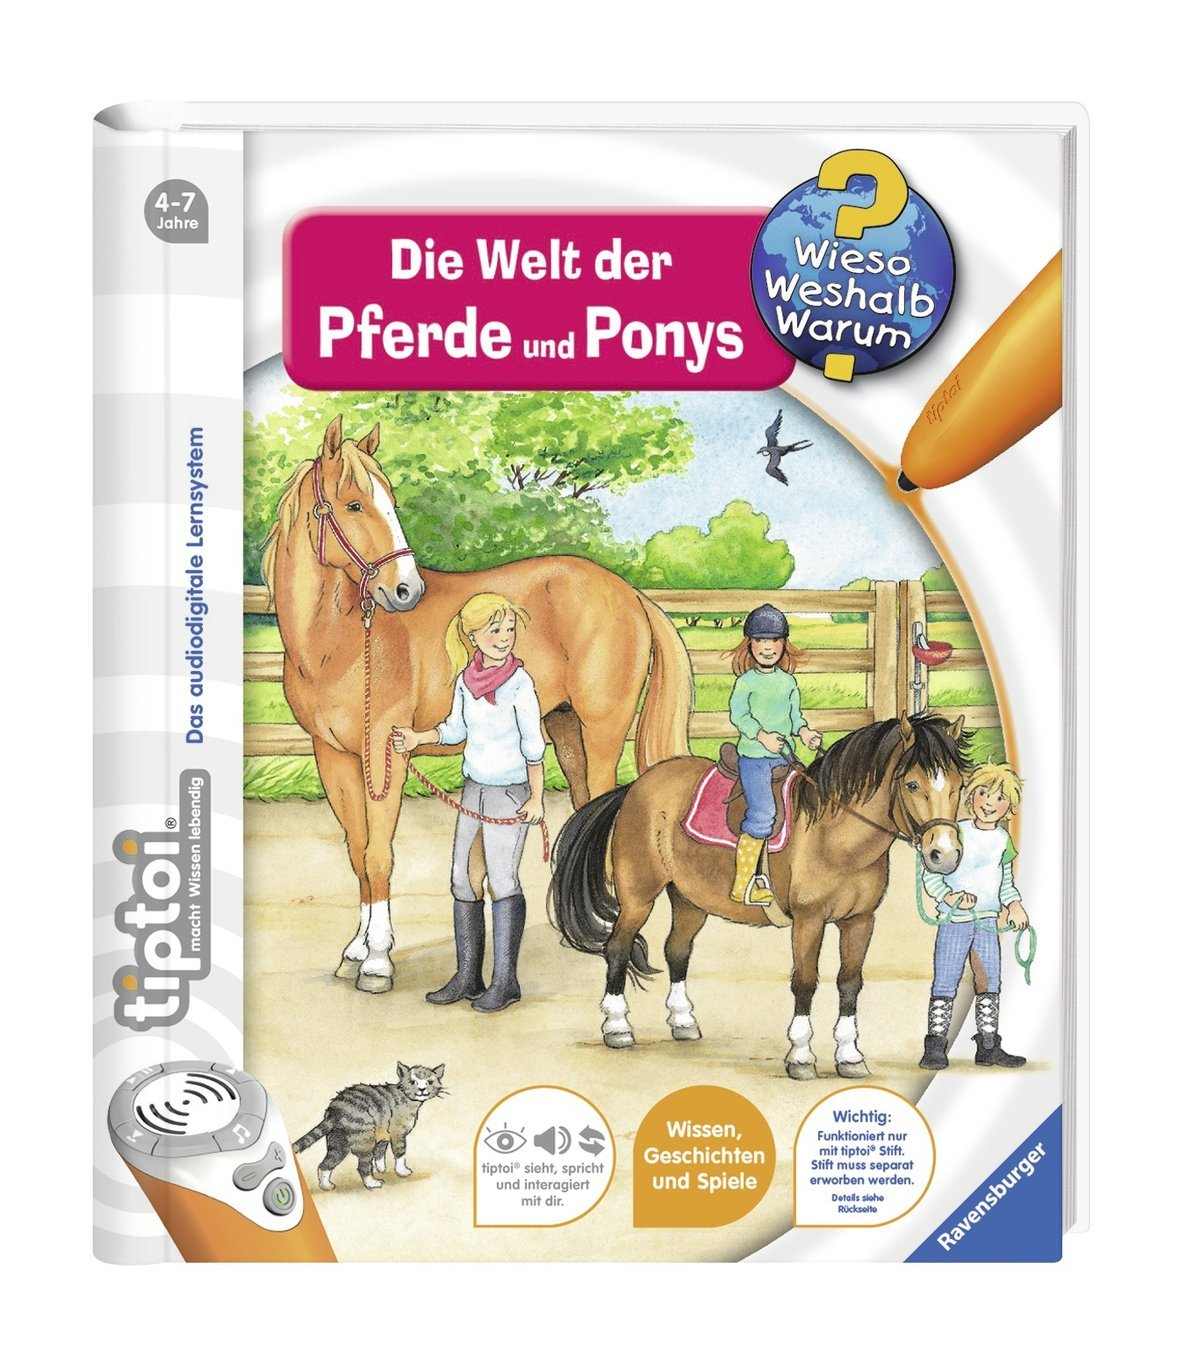 tiptoi-Ravensburger-Buch-Wieso-Weshalb-Warum-13-Die-Welt-der-Pferde-und-Ponys-Hunde-und-Katzen-Sticker